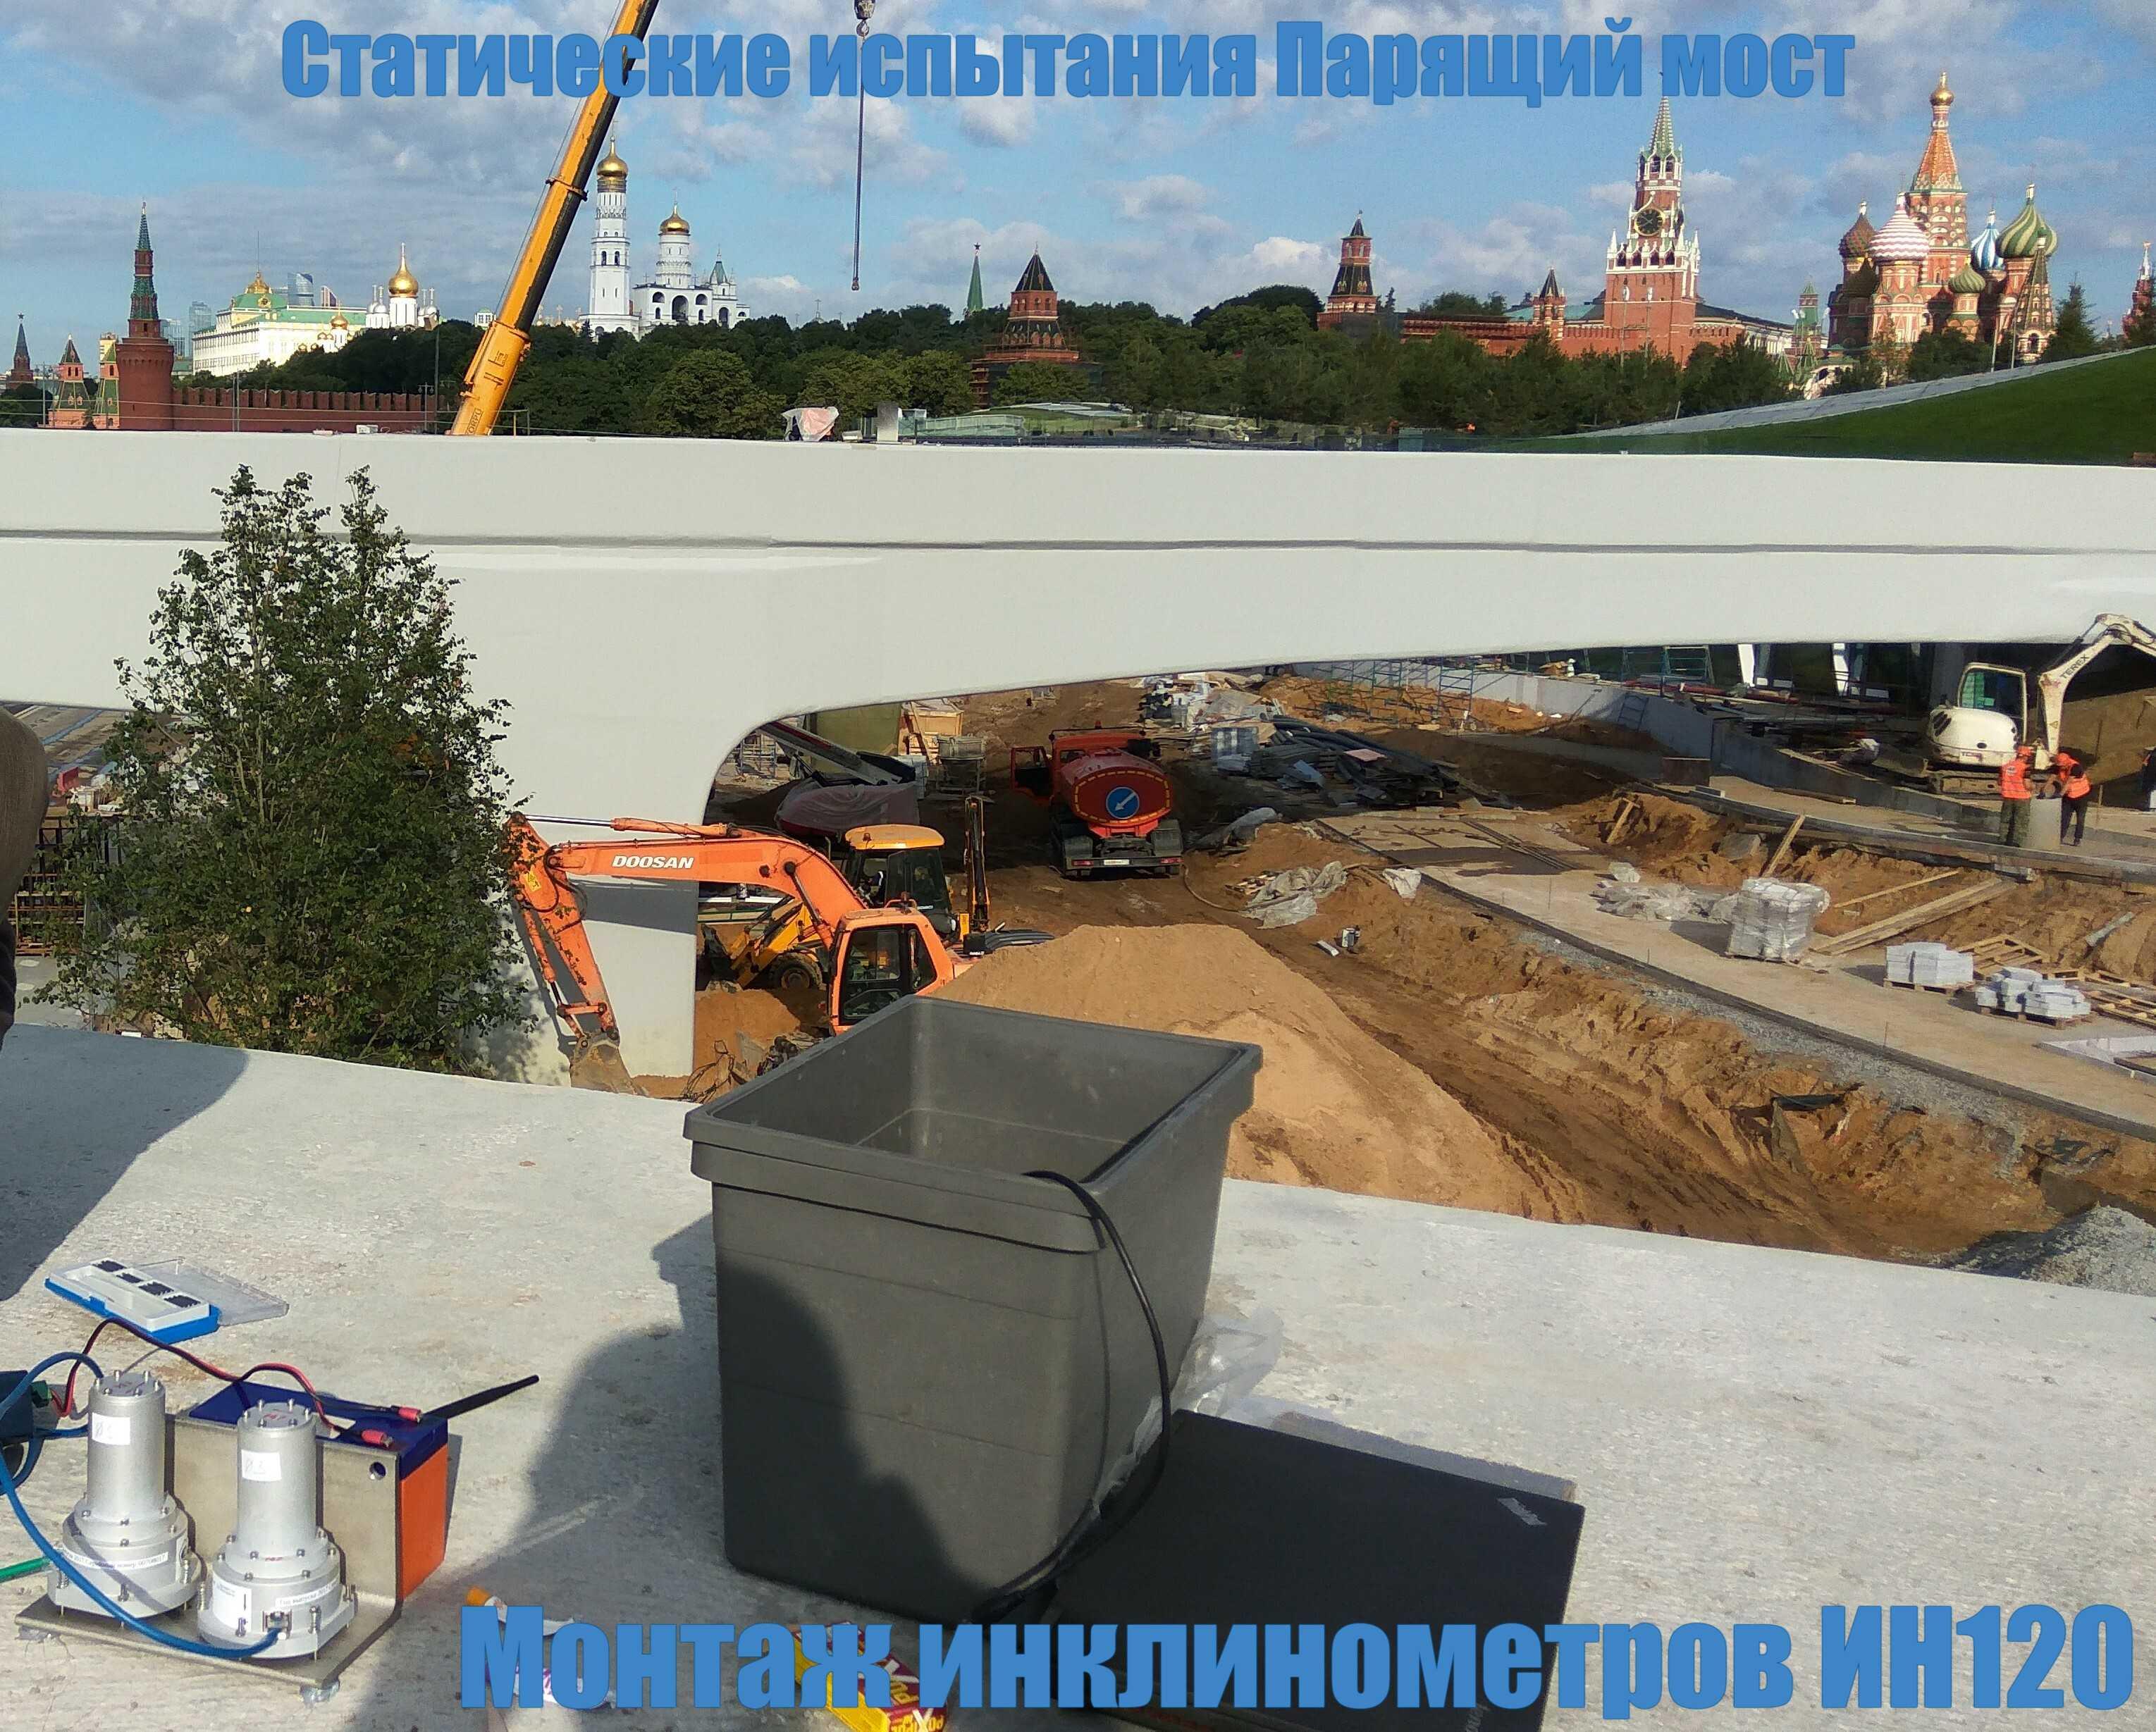 Подготовка к статическим и динамическим испытаниям на Парящем мосту